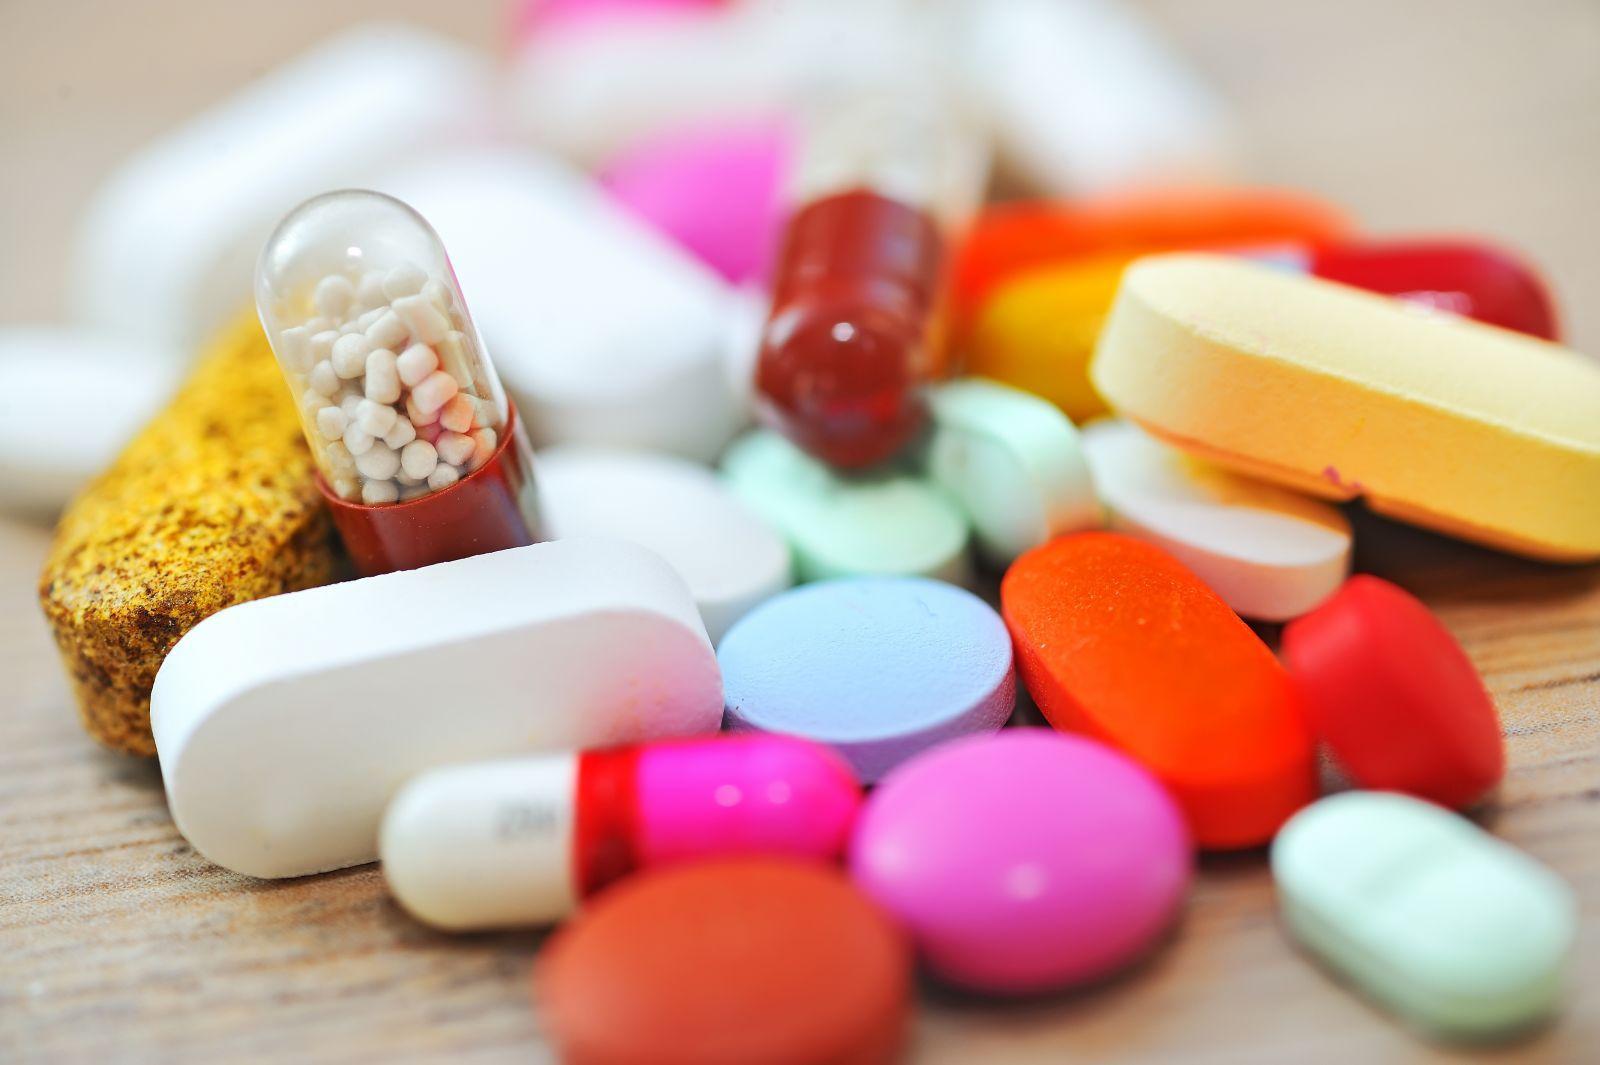 антибиотики при овуляции